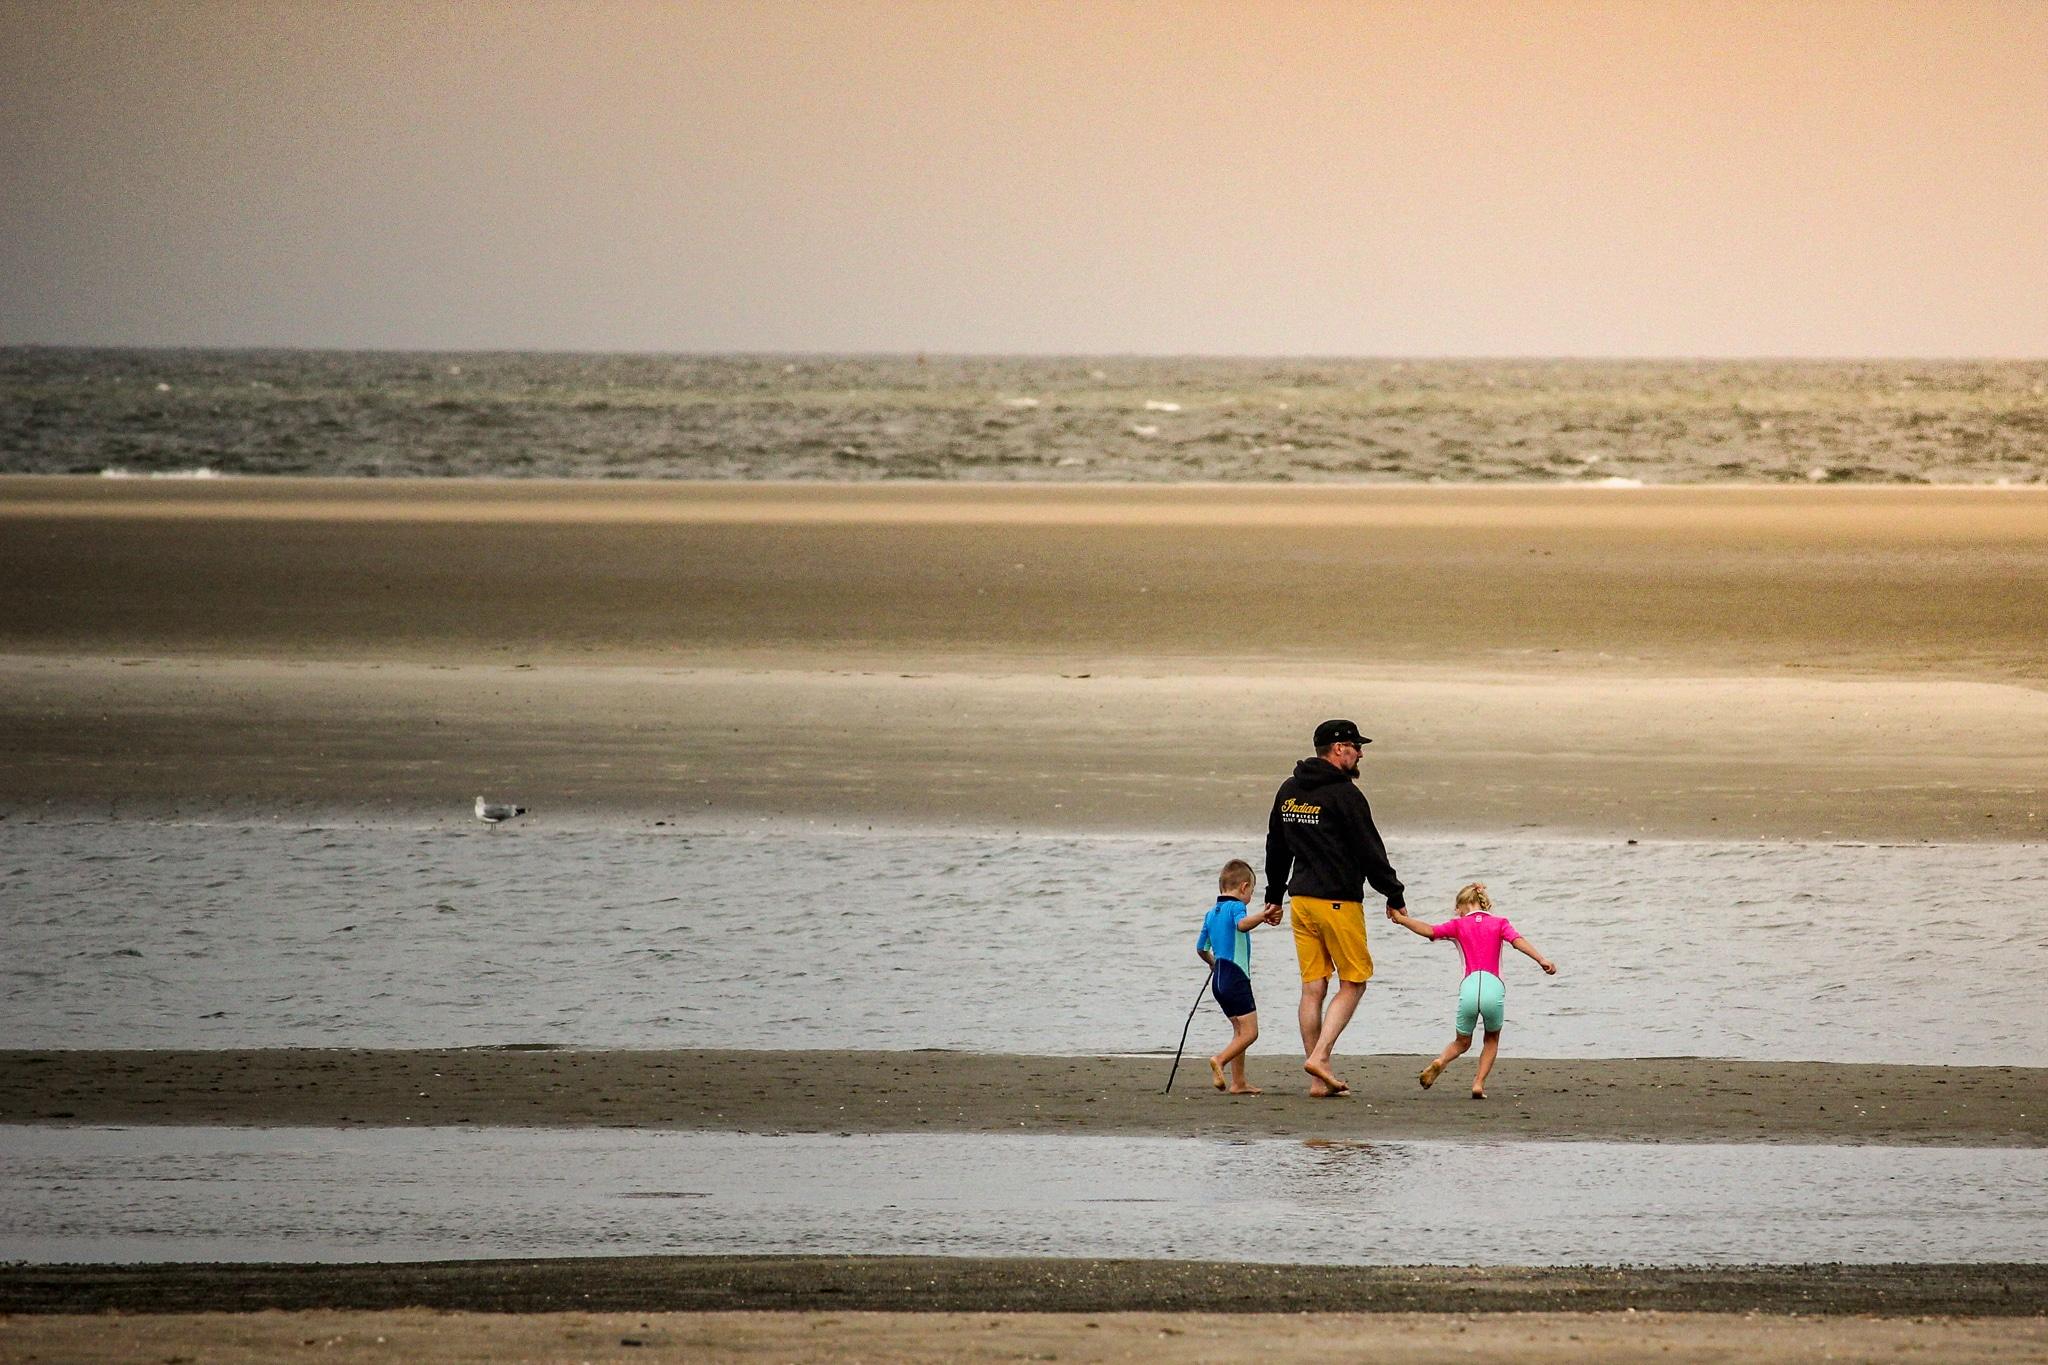 Urlaub an der Nordsee, Autofreie Insel, Spiekeroog, Haus Sturmeck, Hostel, Spiekeroog Westend, Strand, Meer, Familienurlaub, Urlaub für Ruhe